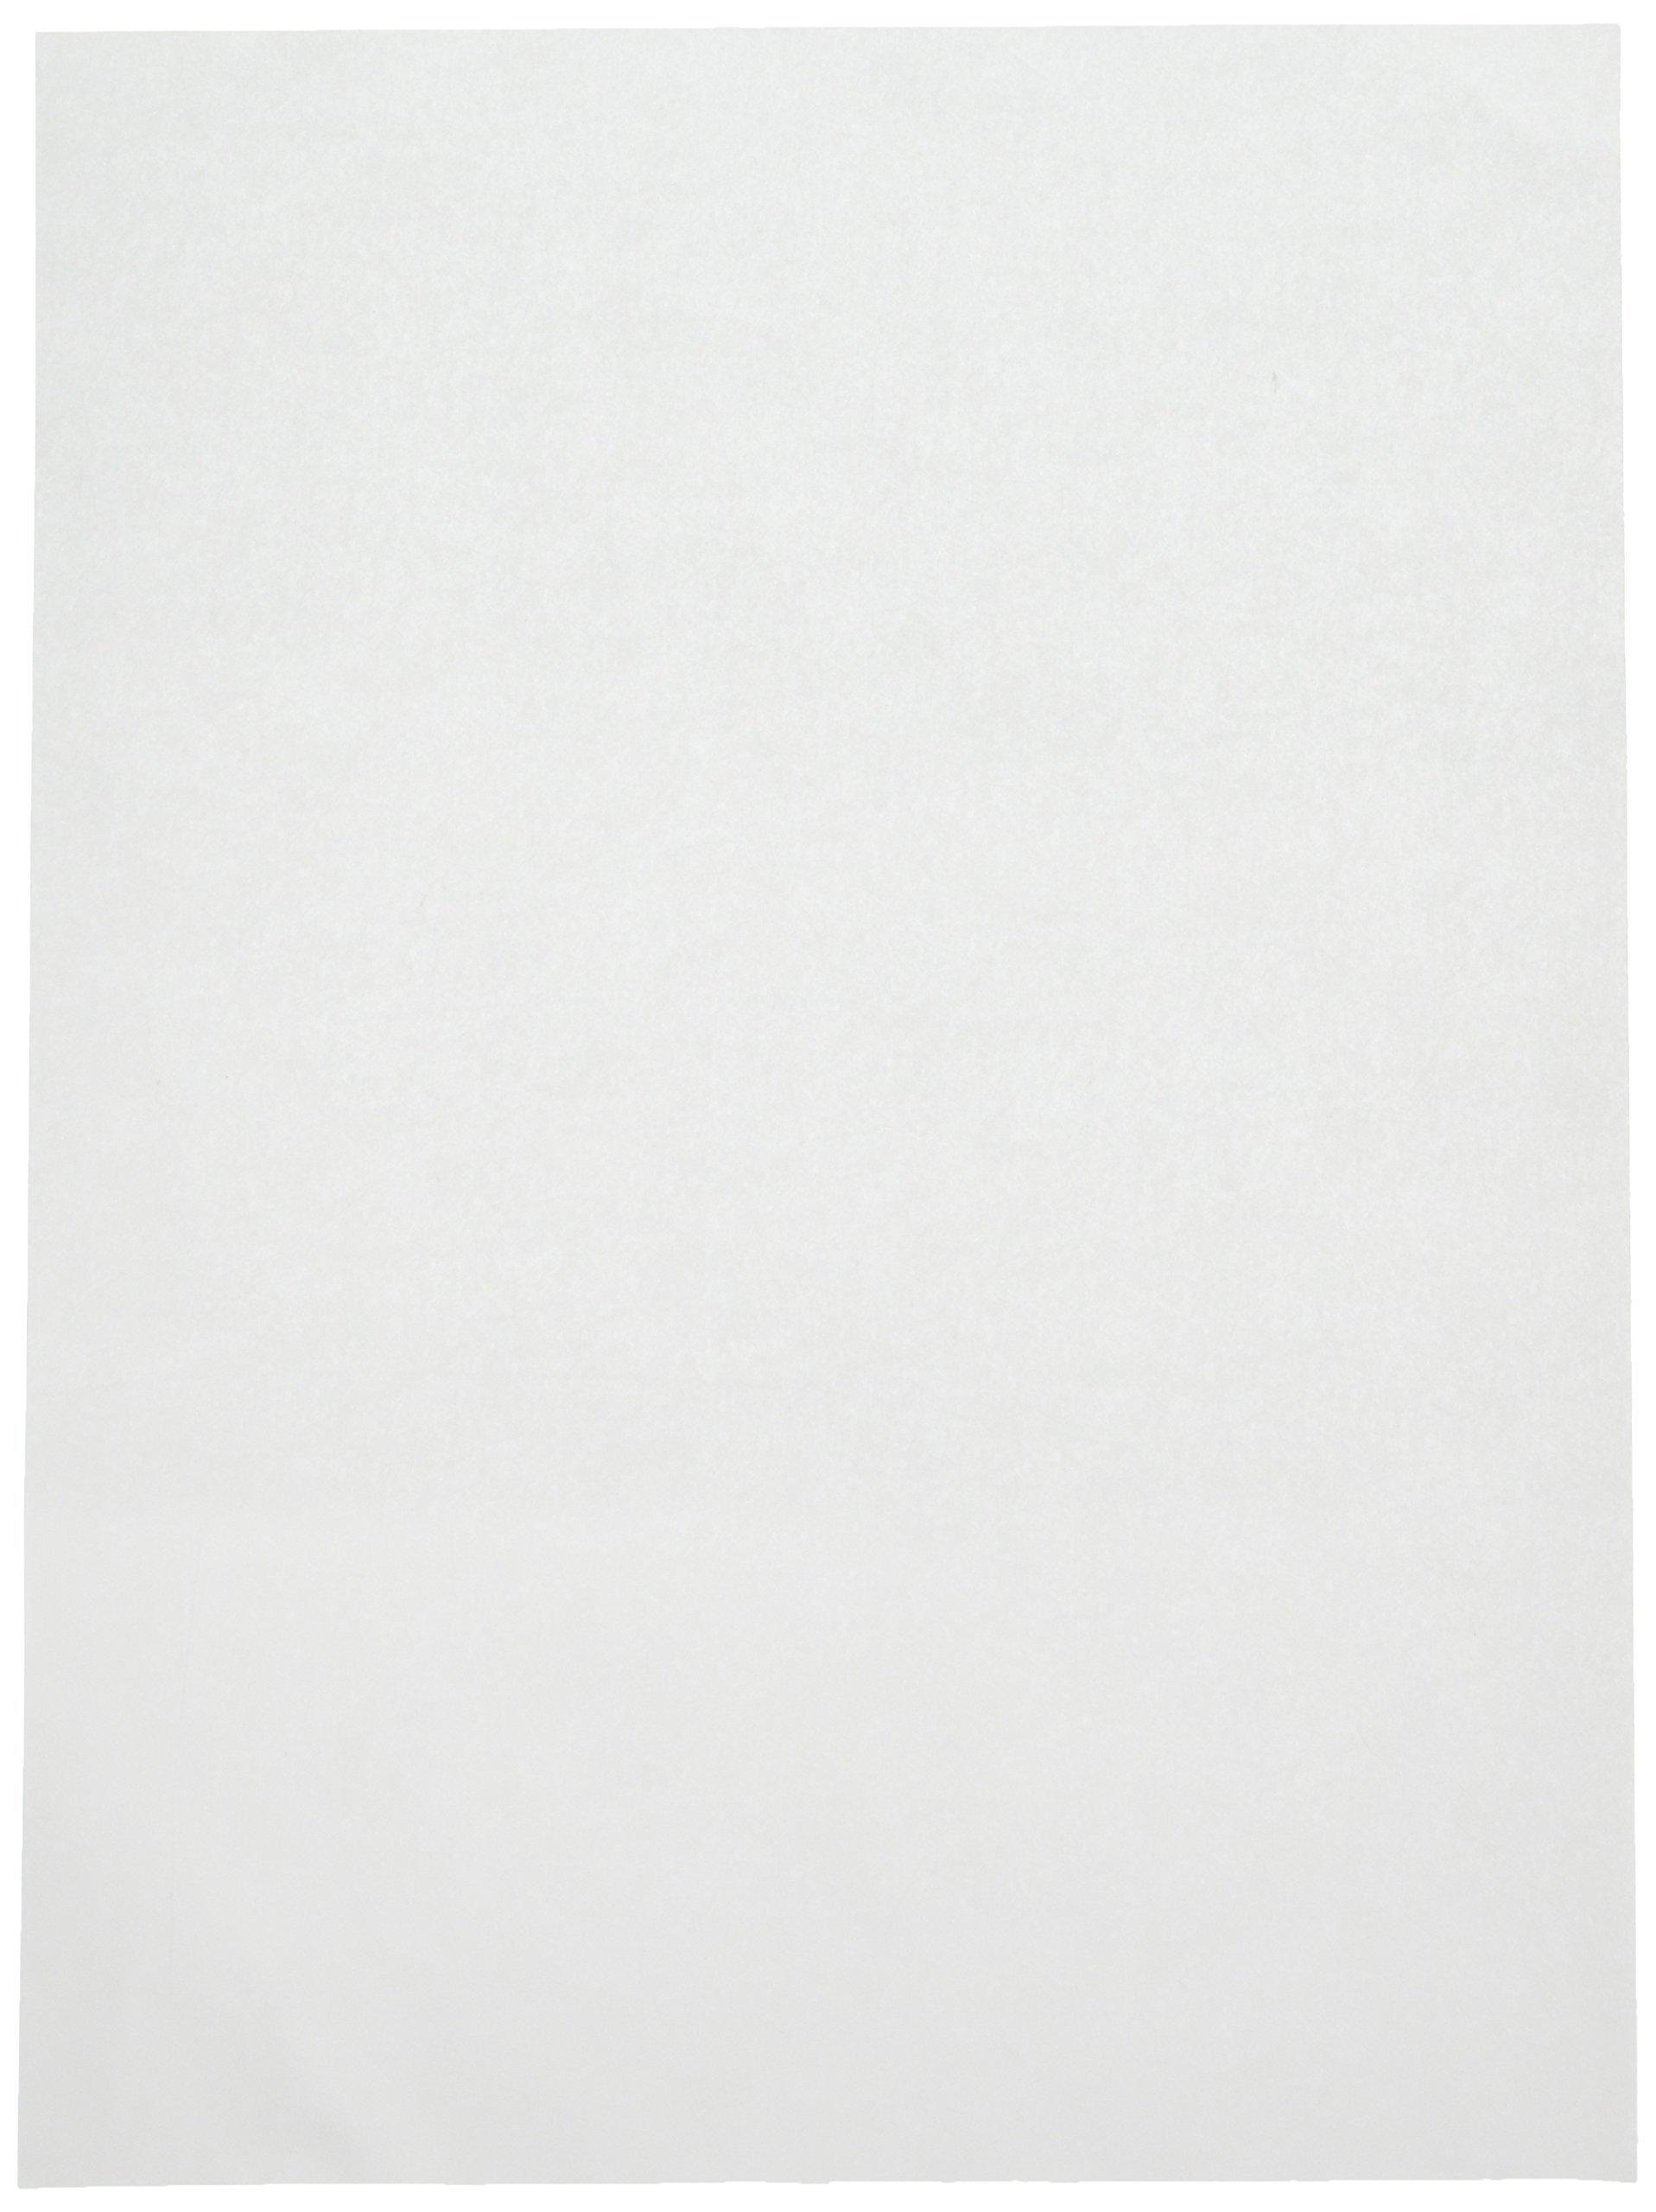 2dayShip Premium Quilon Parchmet Paper Baking Sheets, Pan liner, White, 12 X 16, 300 Count